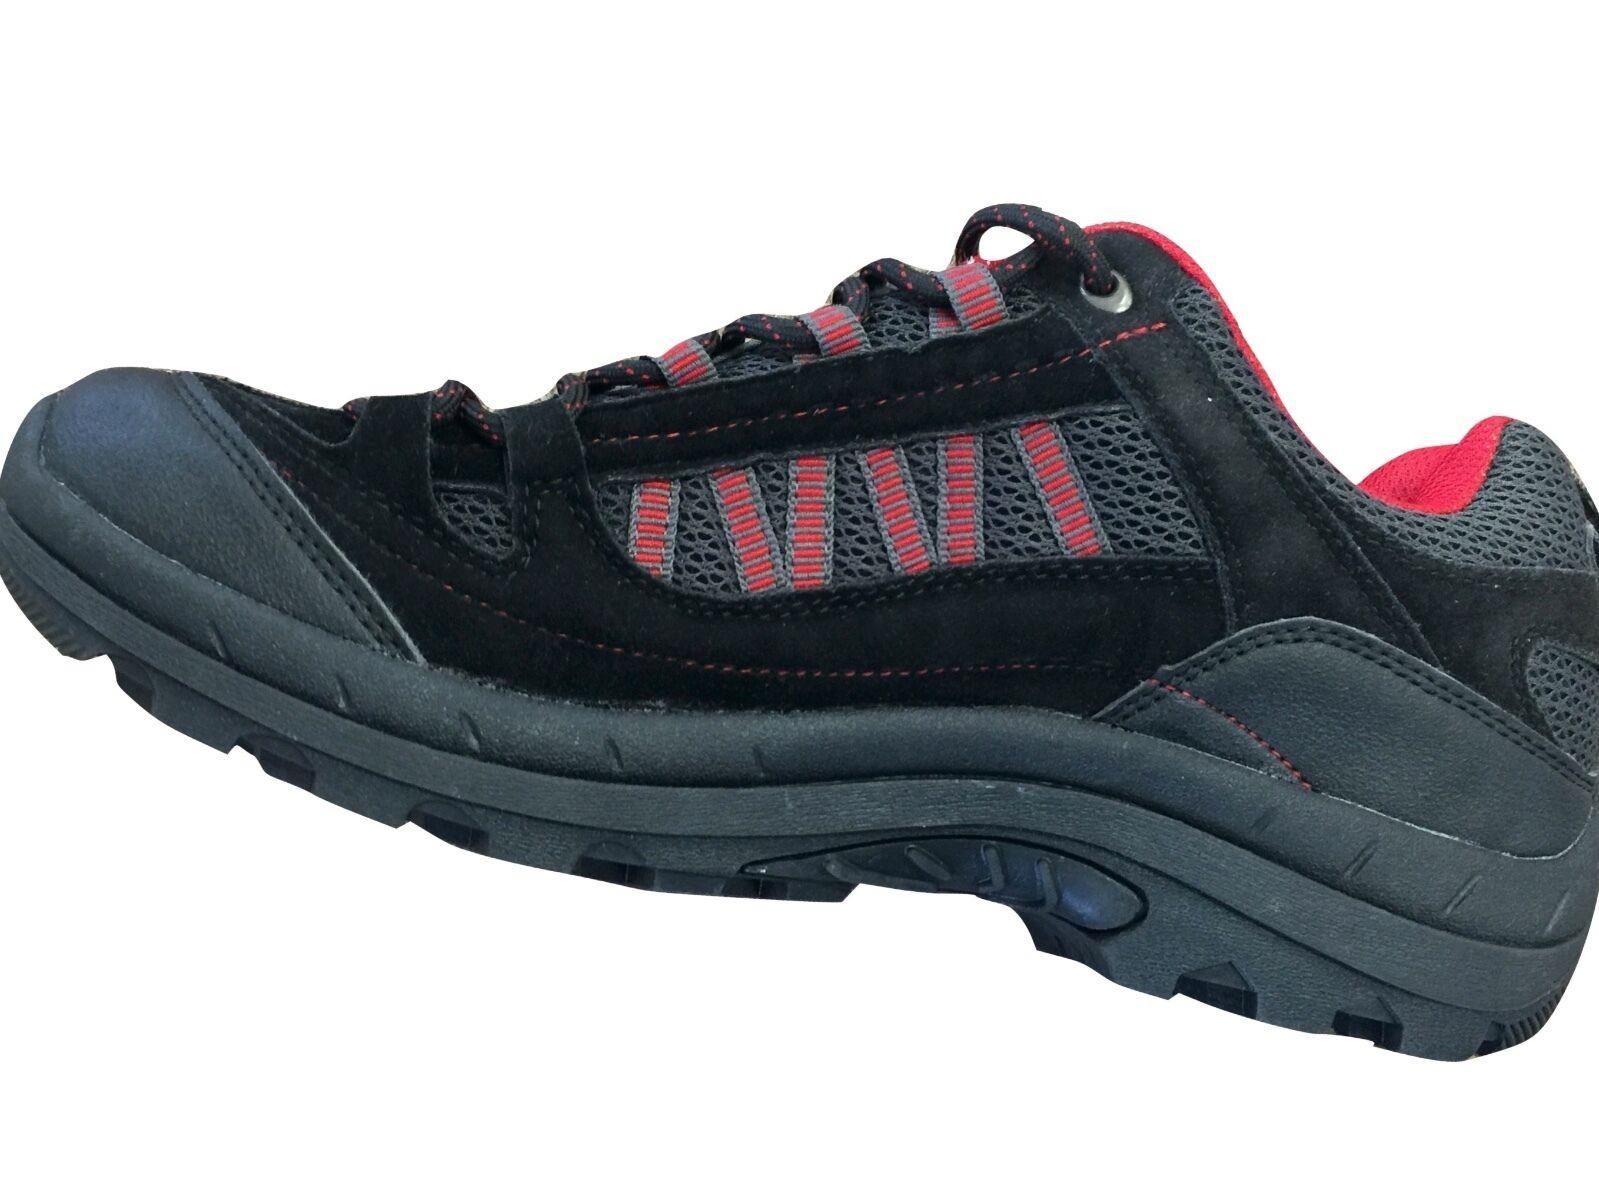 Men's Sz 10 M MEDIUM D CLIMATE Hiking/Walking BLACK Suede Leather Shoes